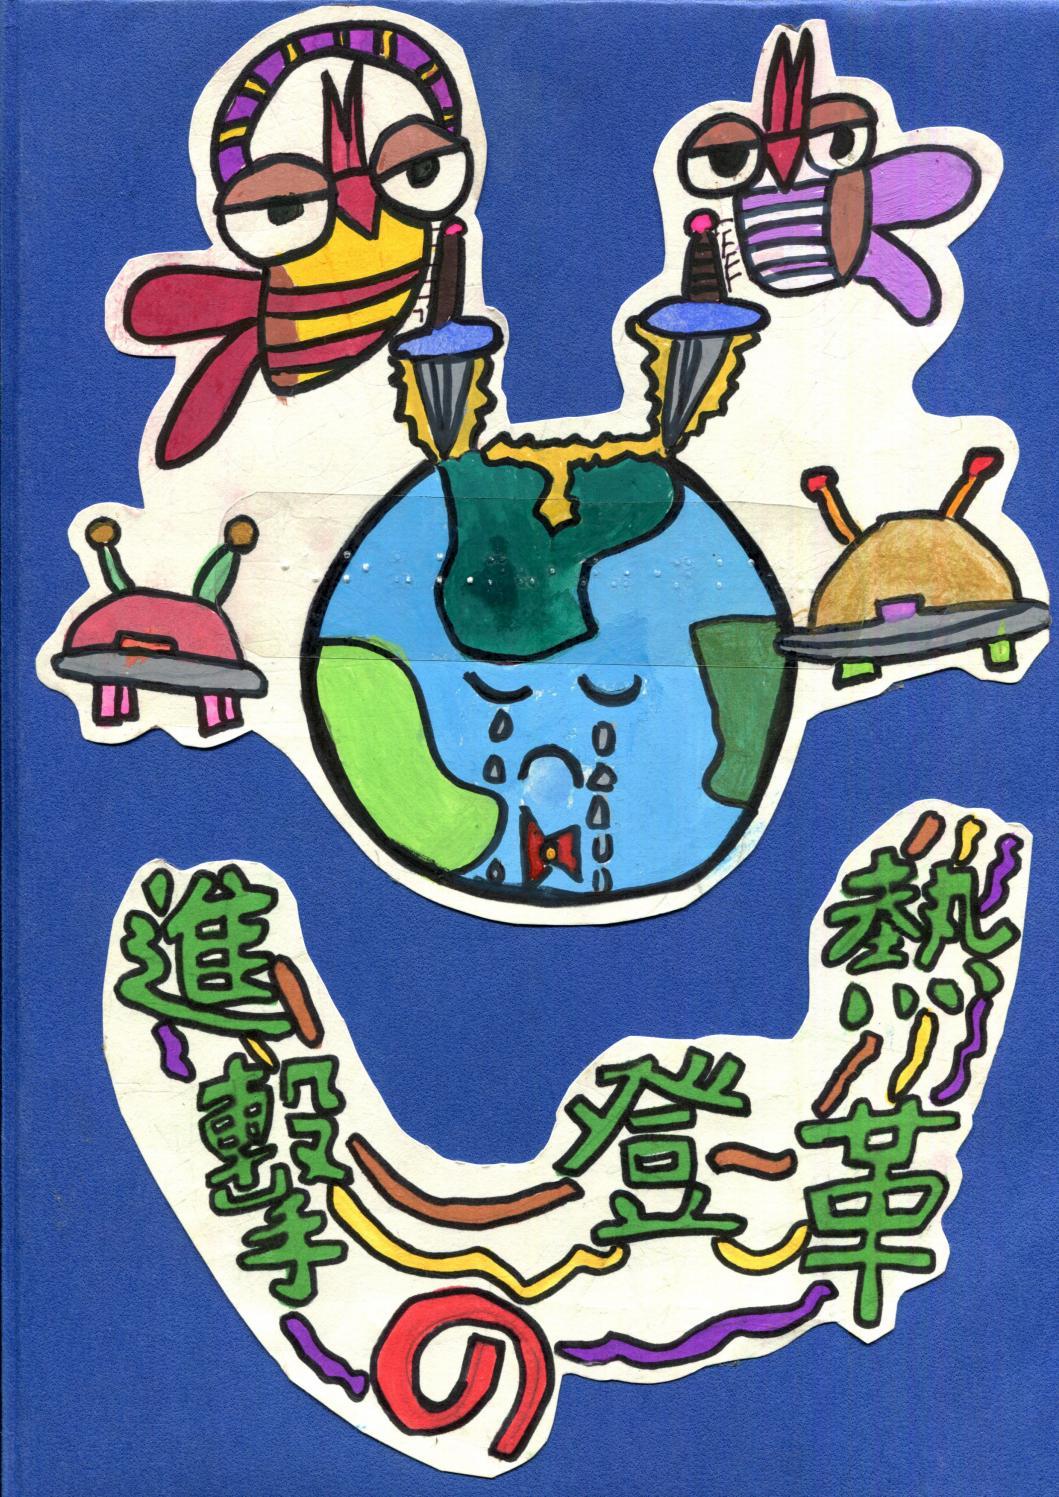 105繪本個別組第一名臺南市菁寮國小 by 財團法人歐巴尼紀念基金會 - Issuu